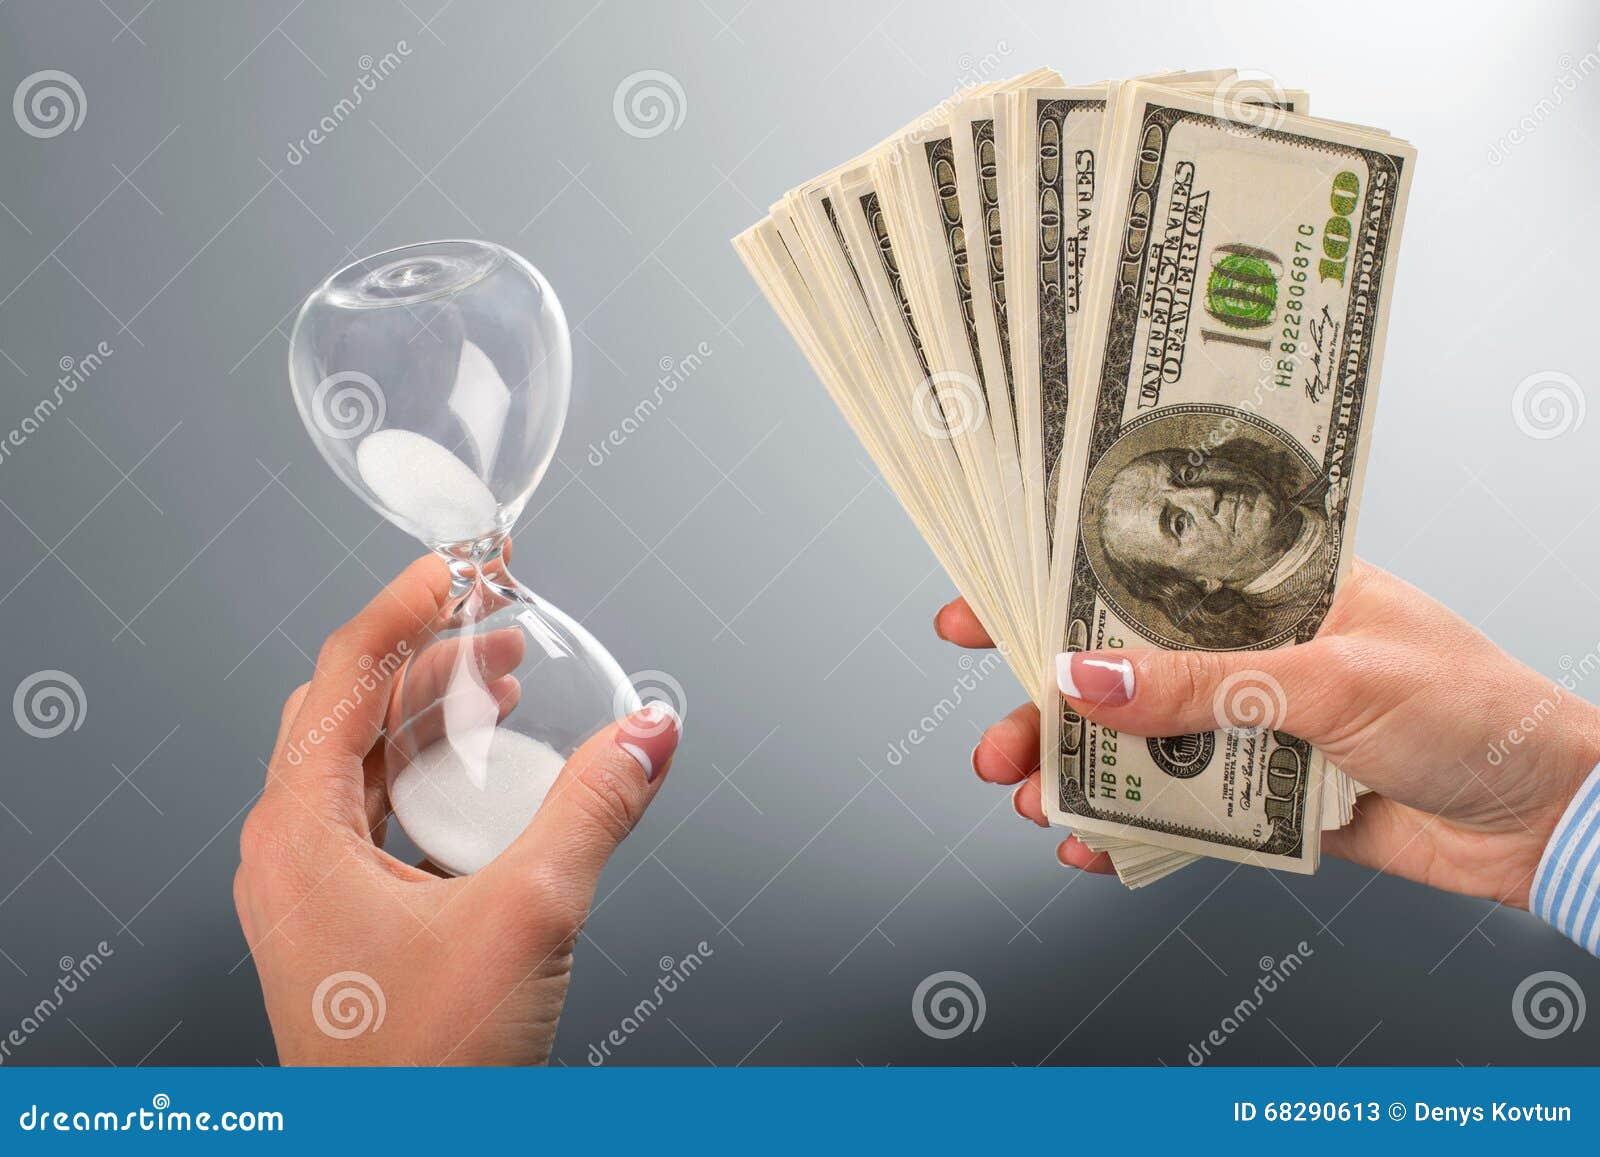 夫人的滴漏和美元爱好者